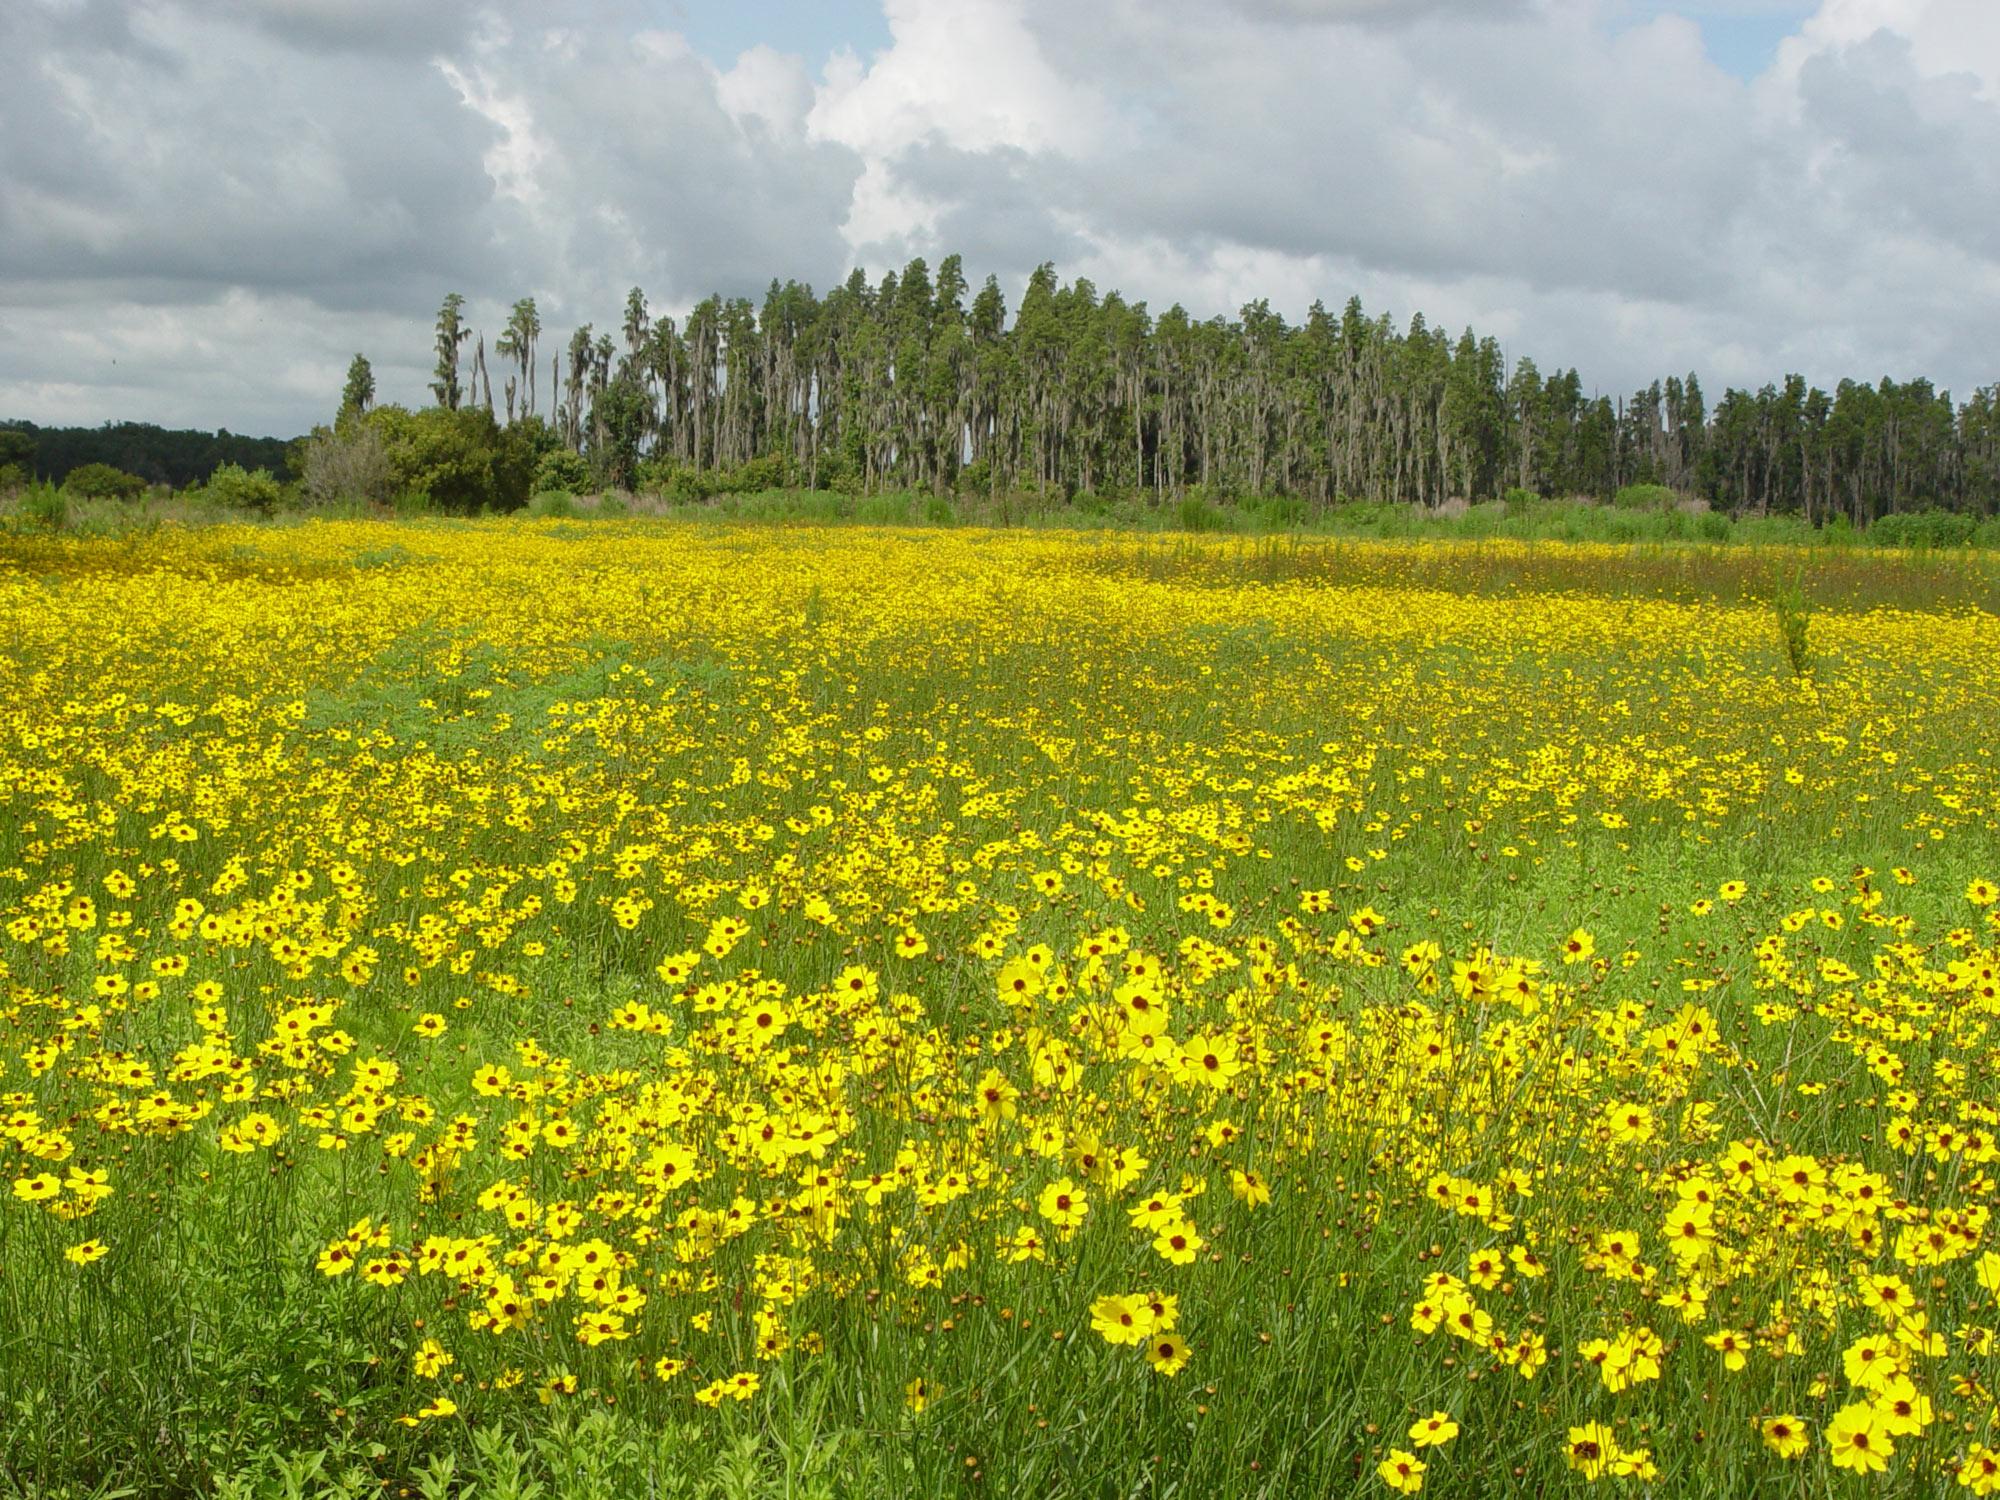 Coreopsis field